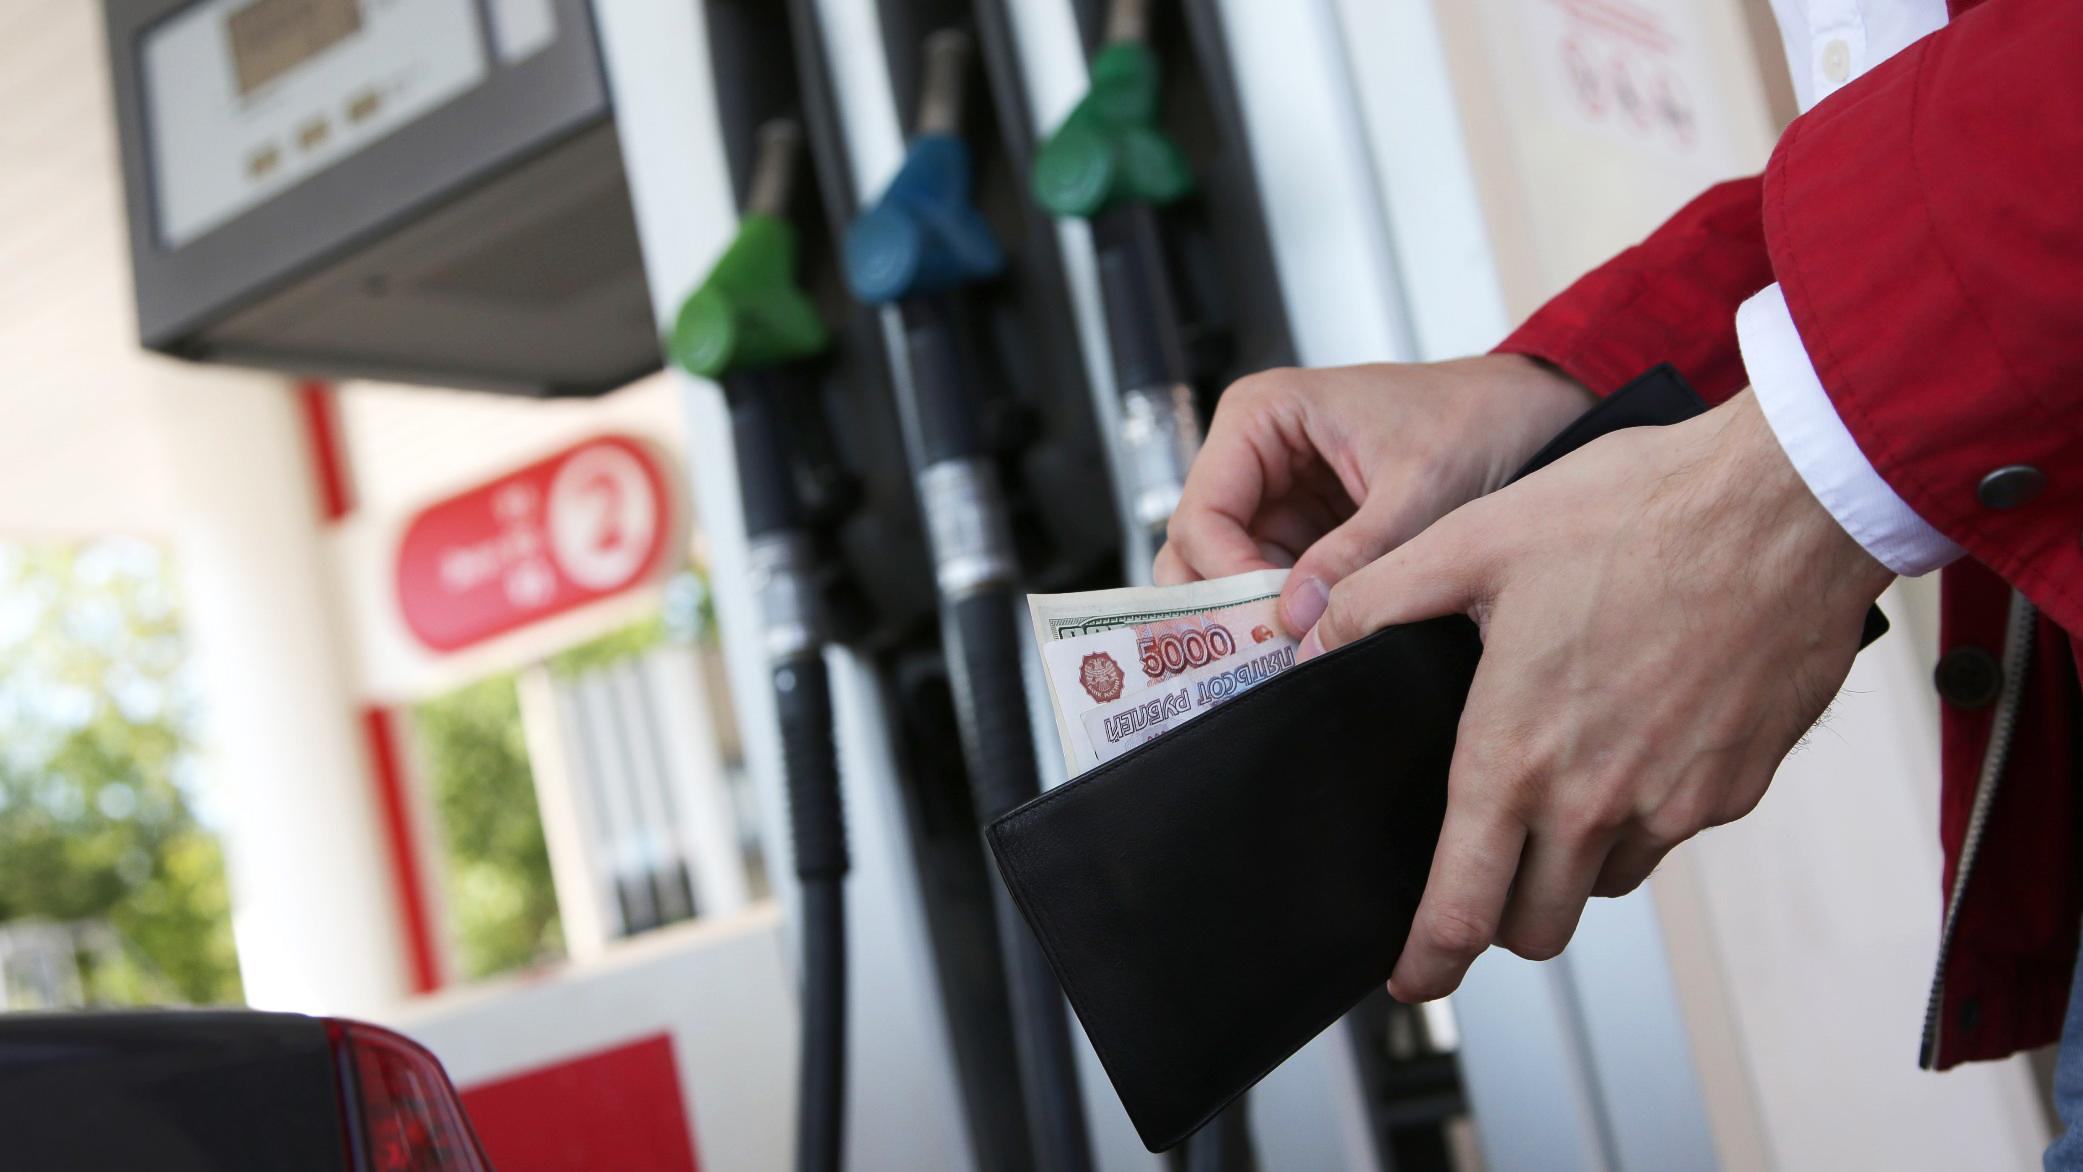 Пока выспали: Антироссийские санкции провалились